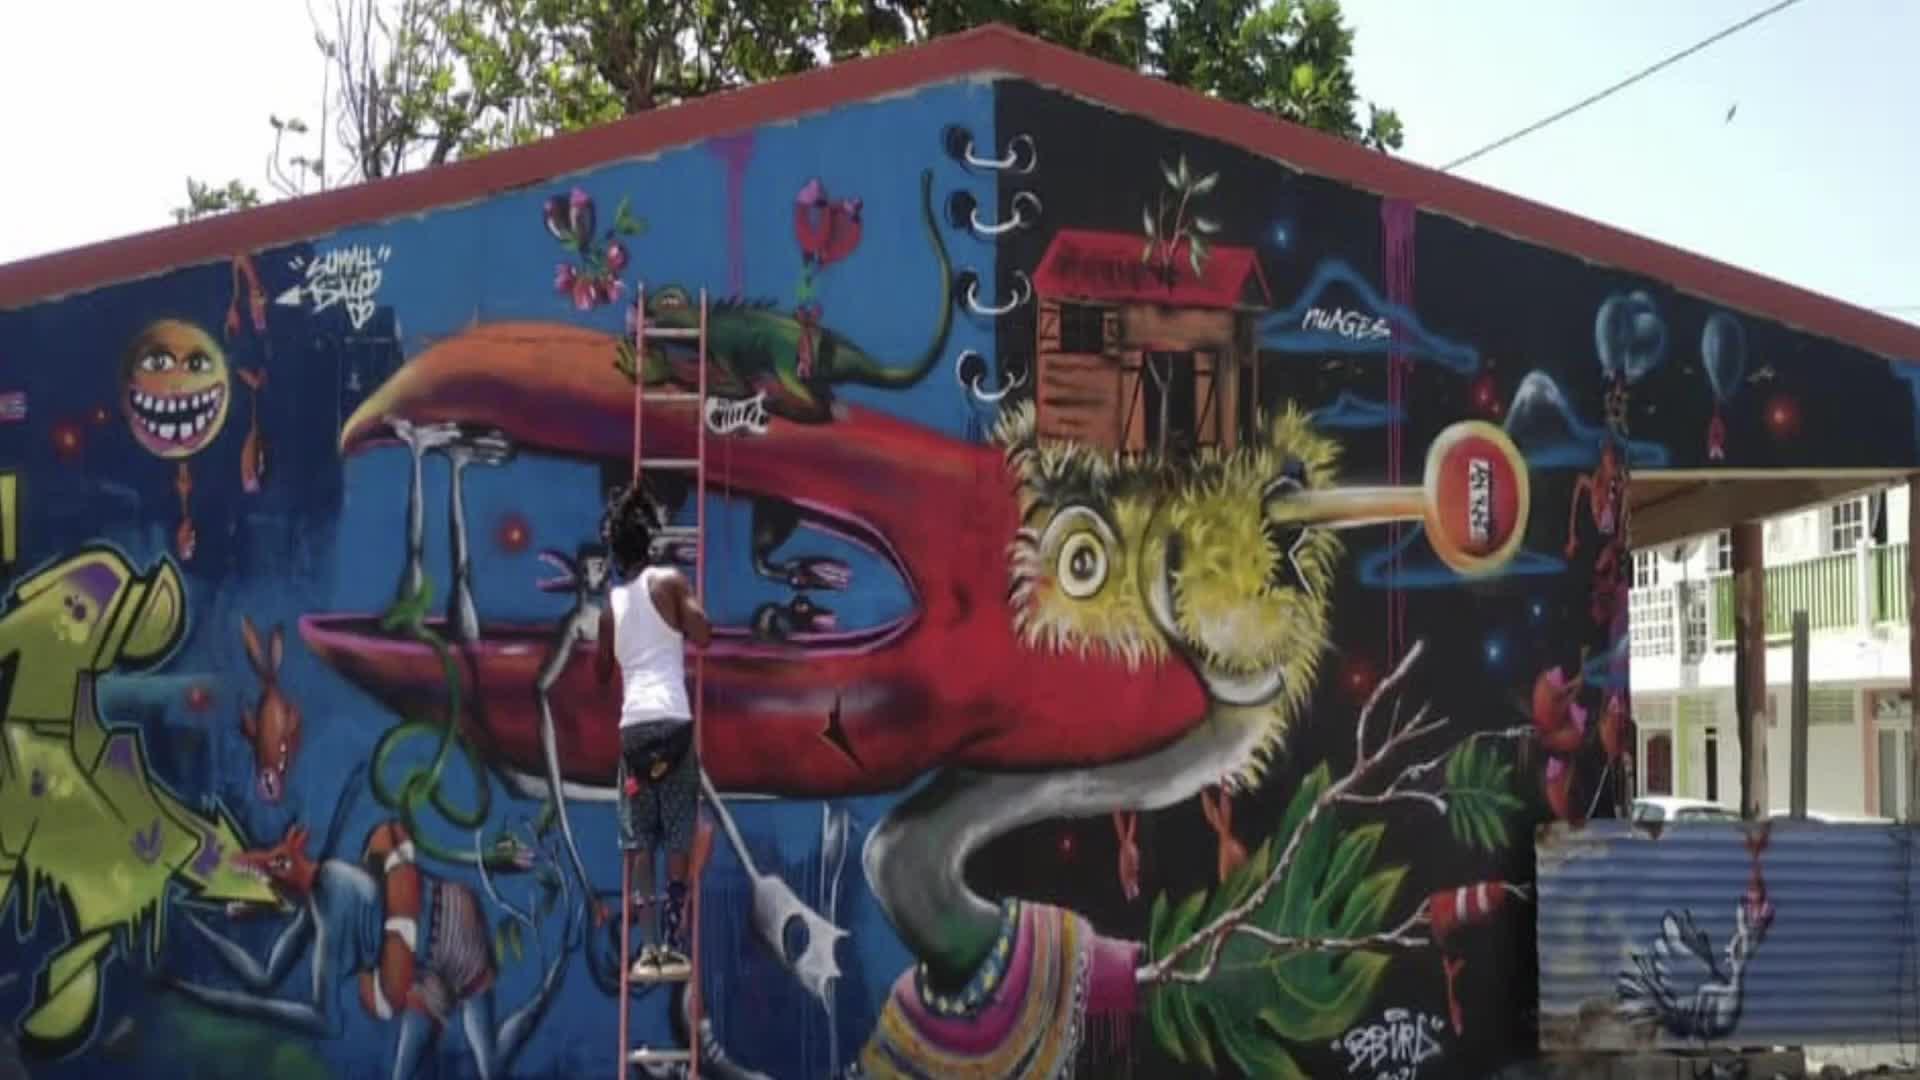 Laisse parler le Graff - l'opération Just Graff it organisé par Al Pacman